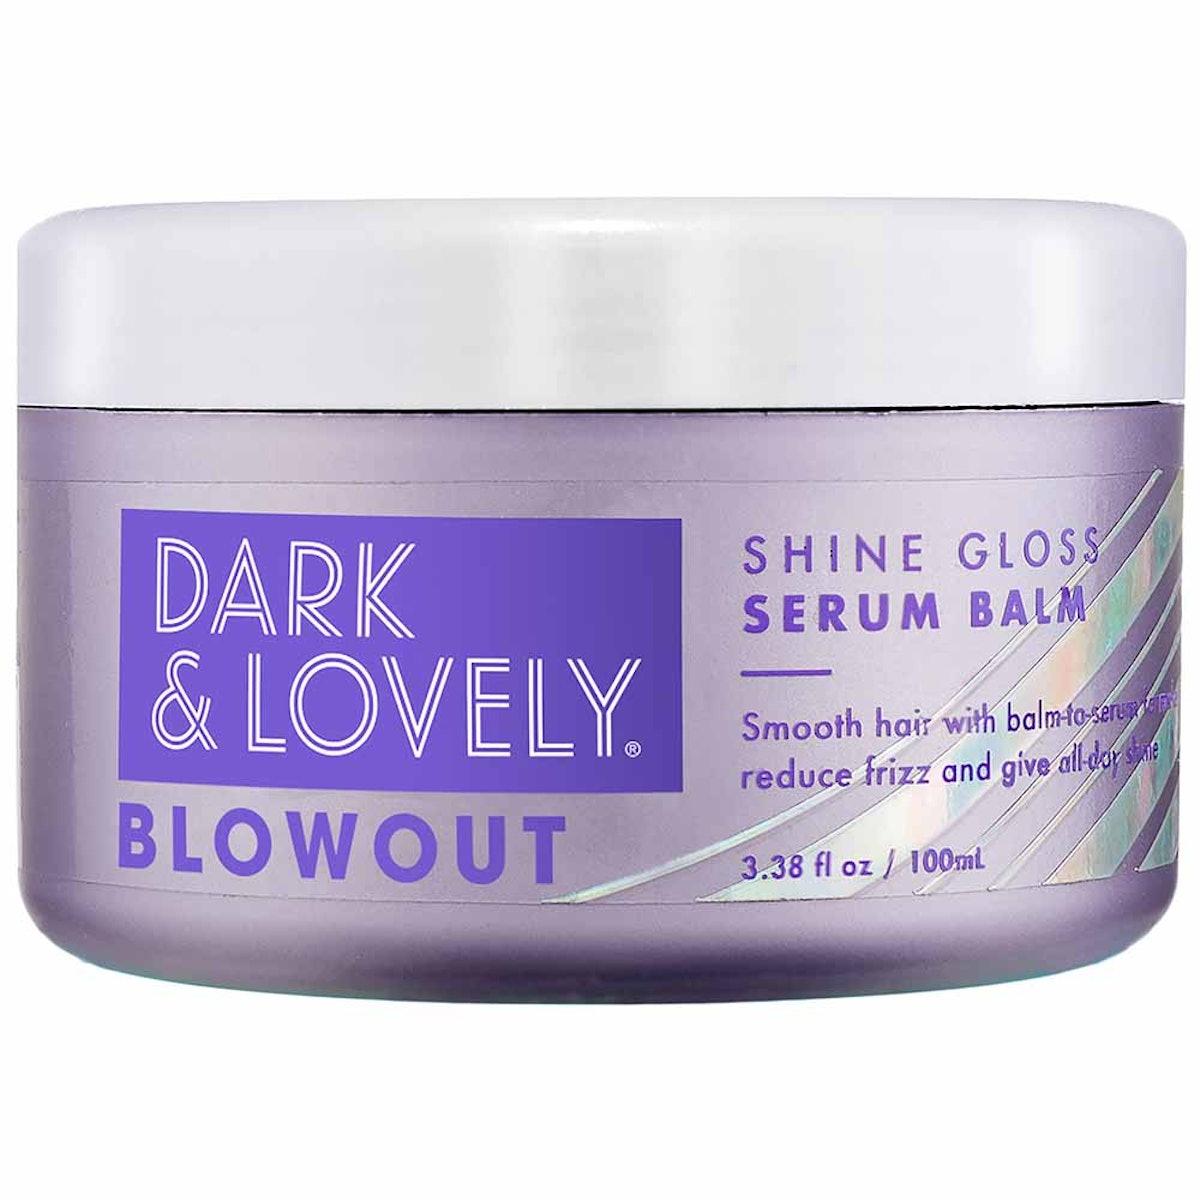 Blowout Shine Gloss Styling Serum Balm